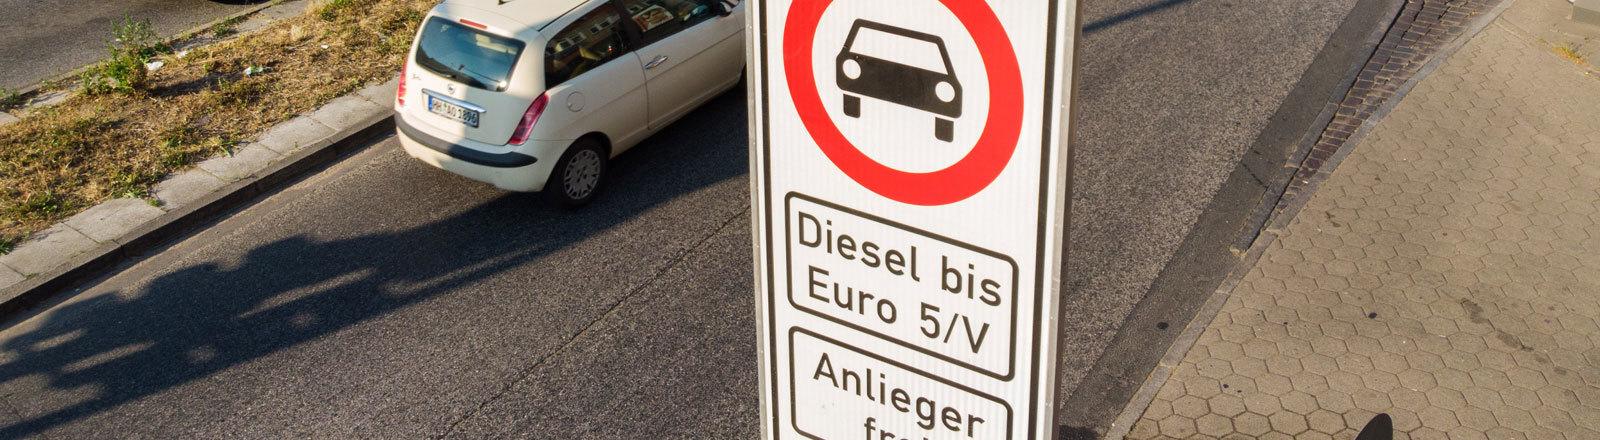 Diesel-Fahrverbot in Hamburg